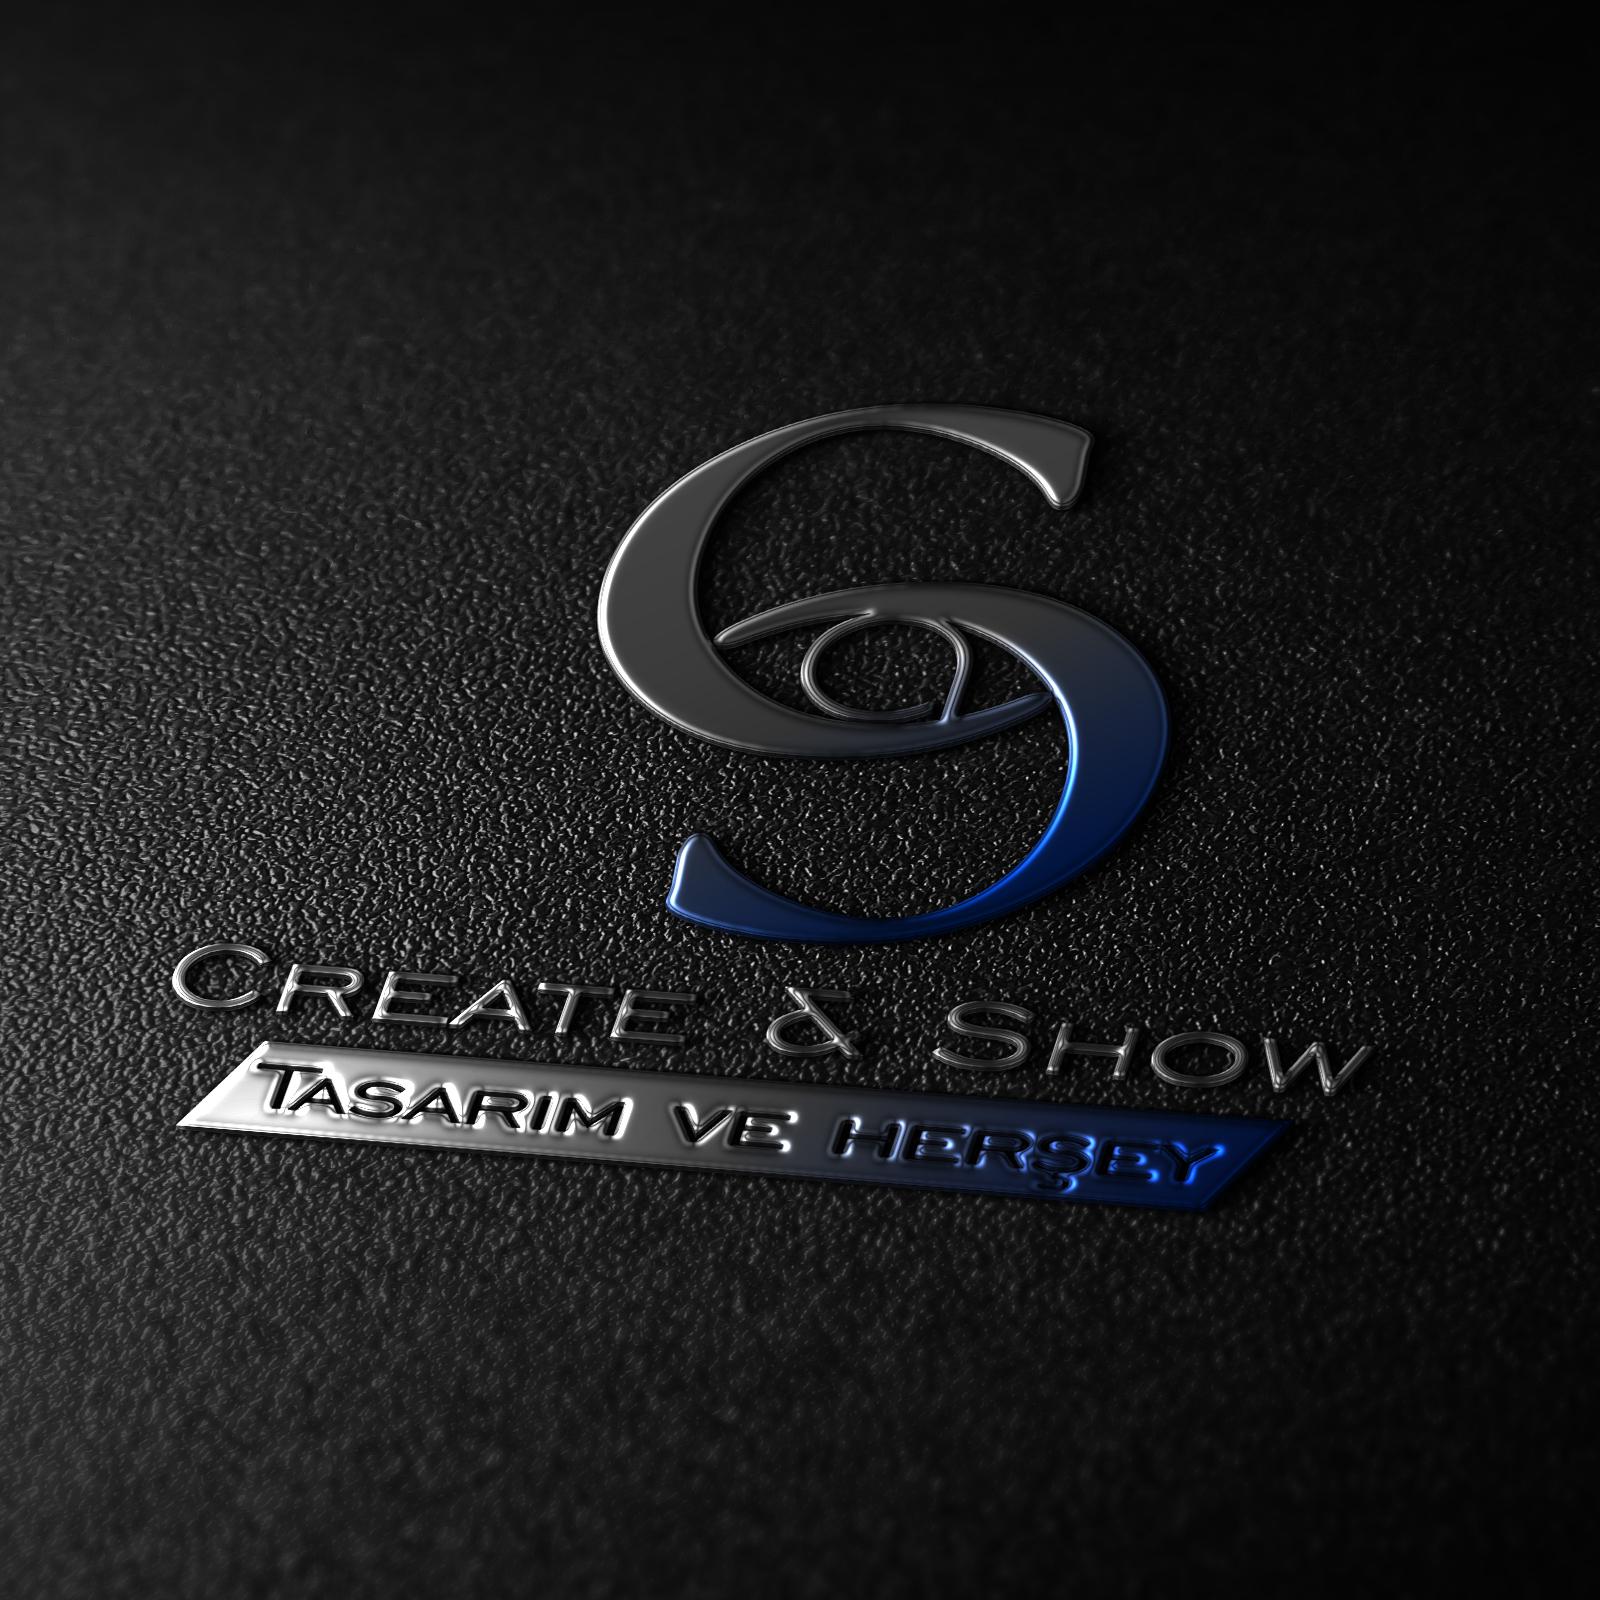 createandshow